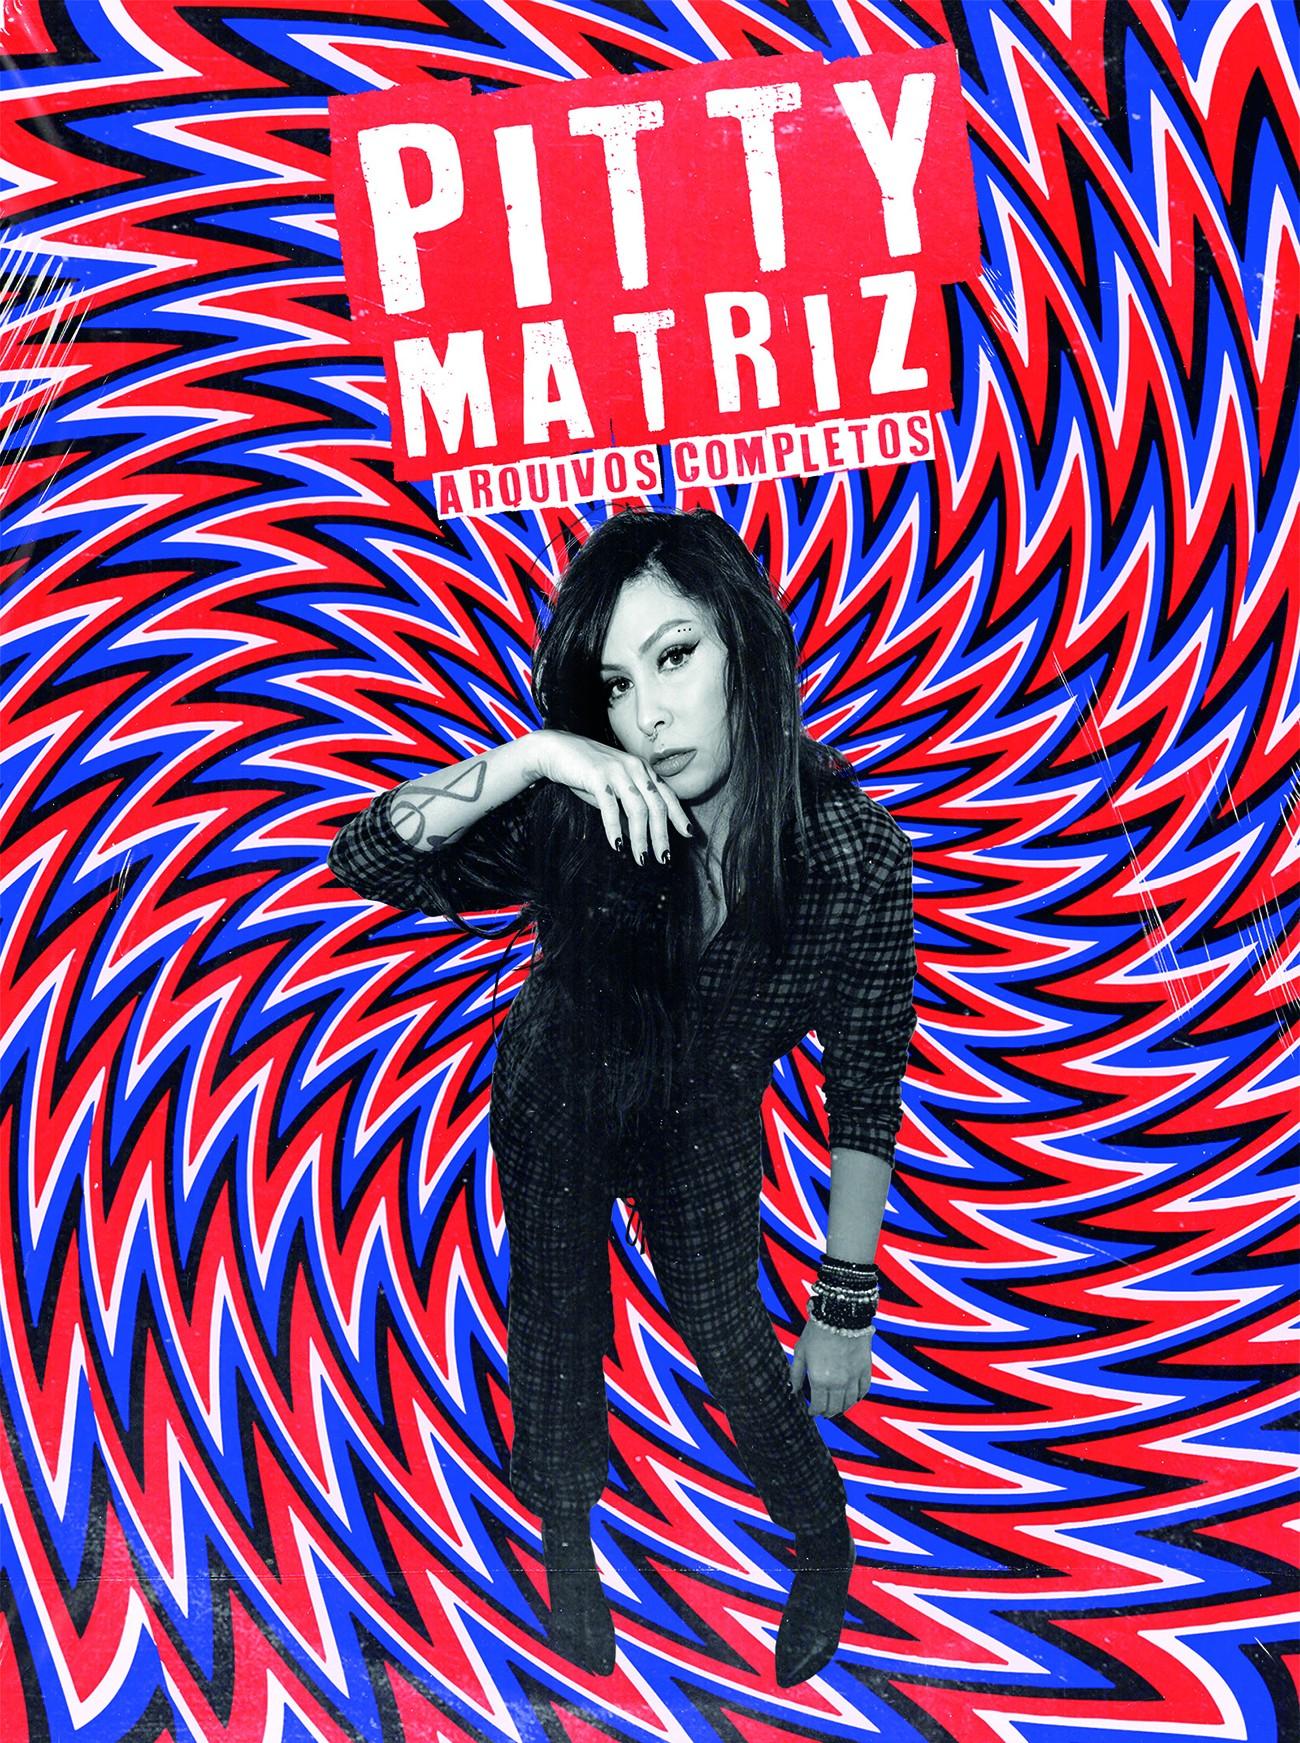 Pitty documenta disco e turnê 'Matriz' em DVD duplo que reúne filme e gravação de show na Bahia